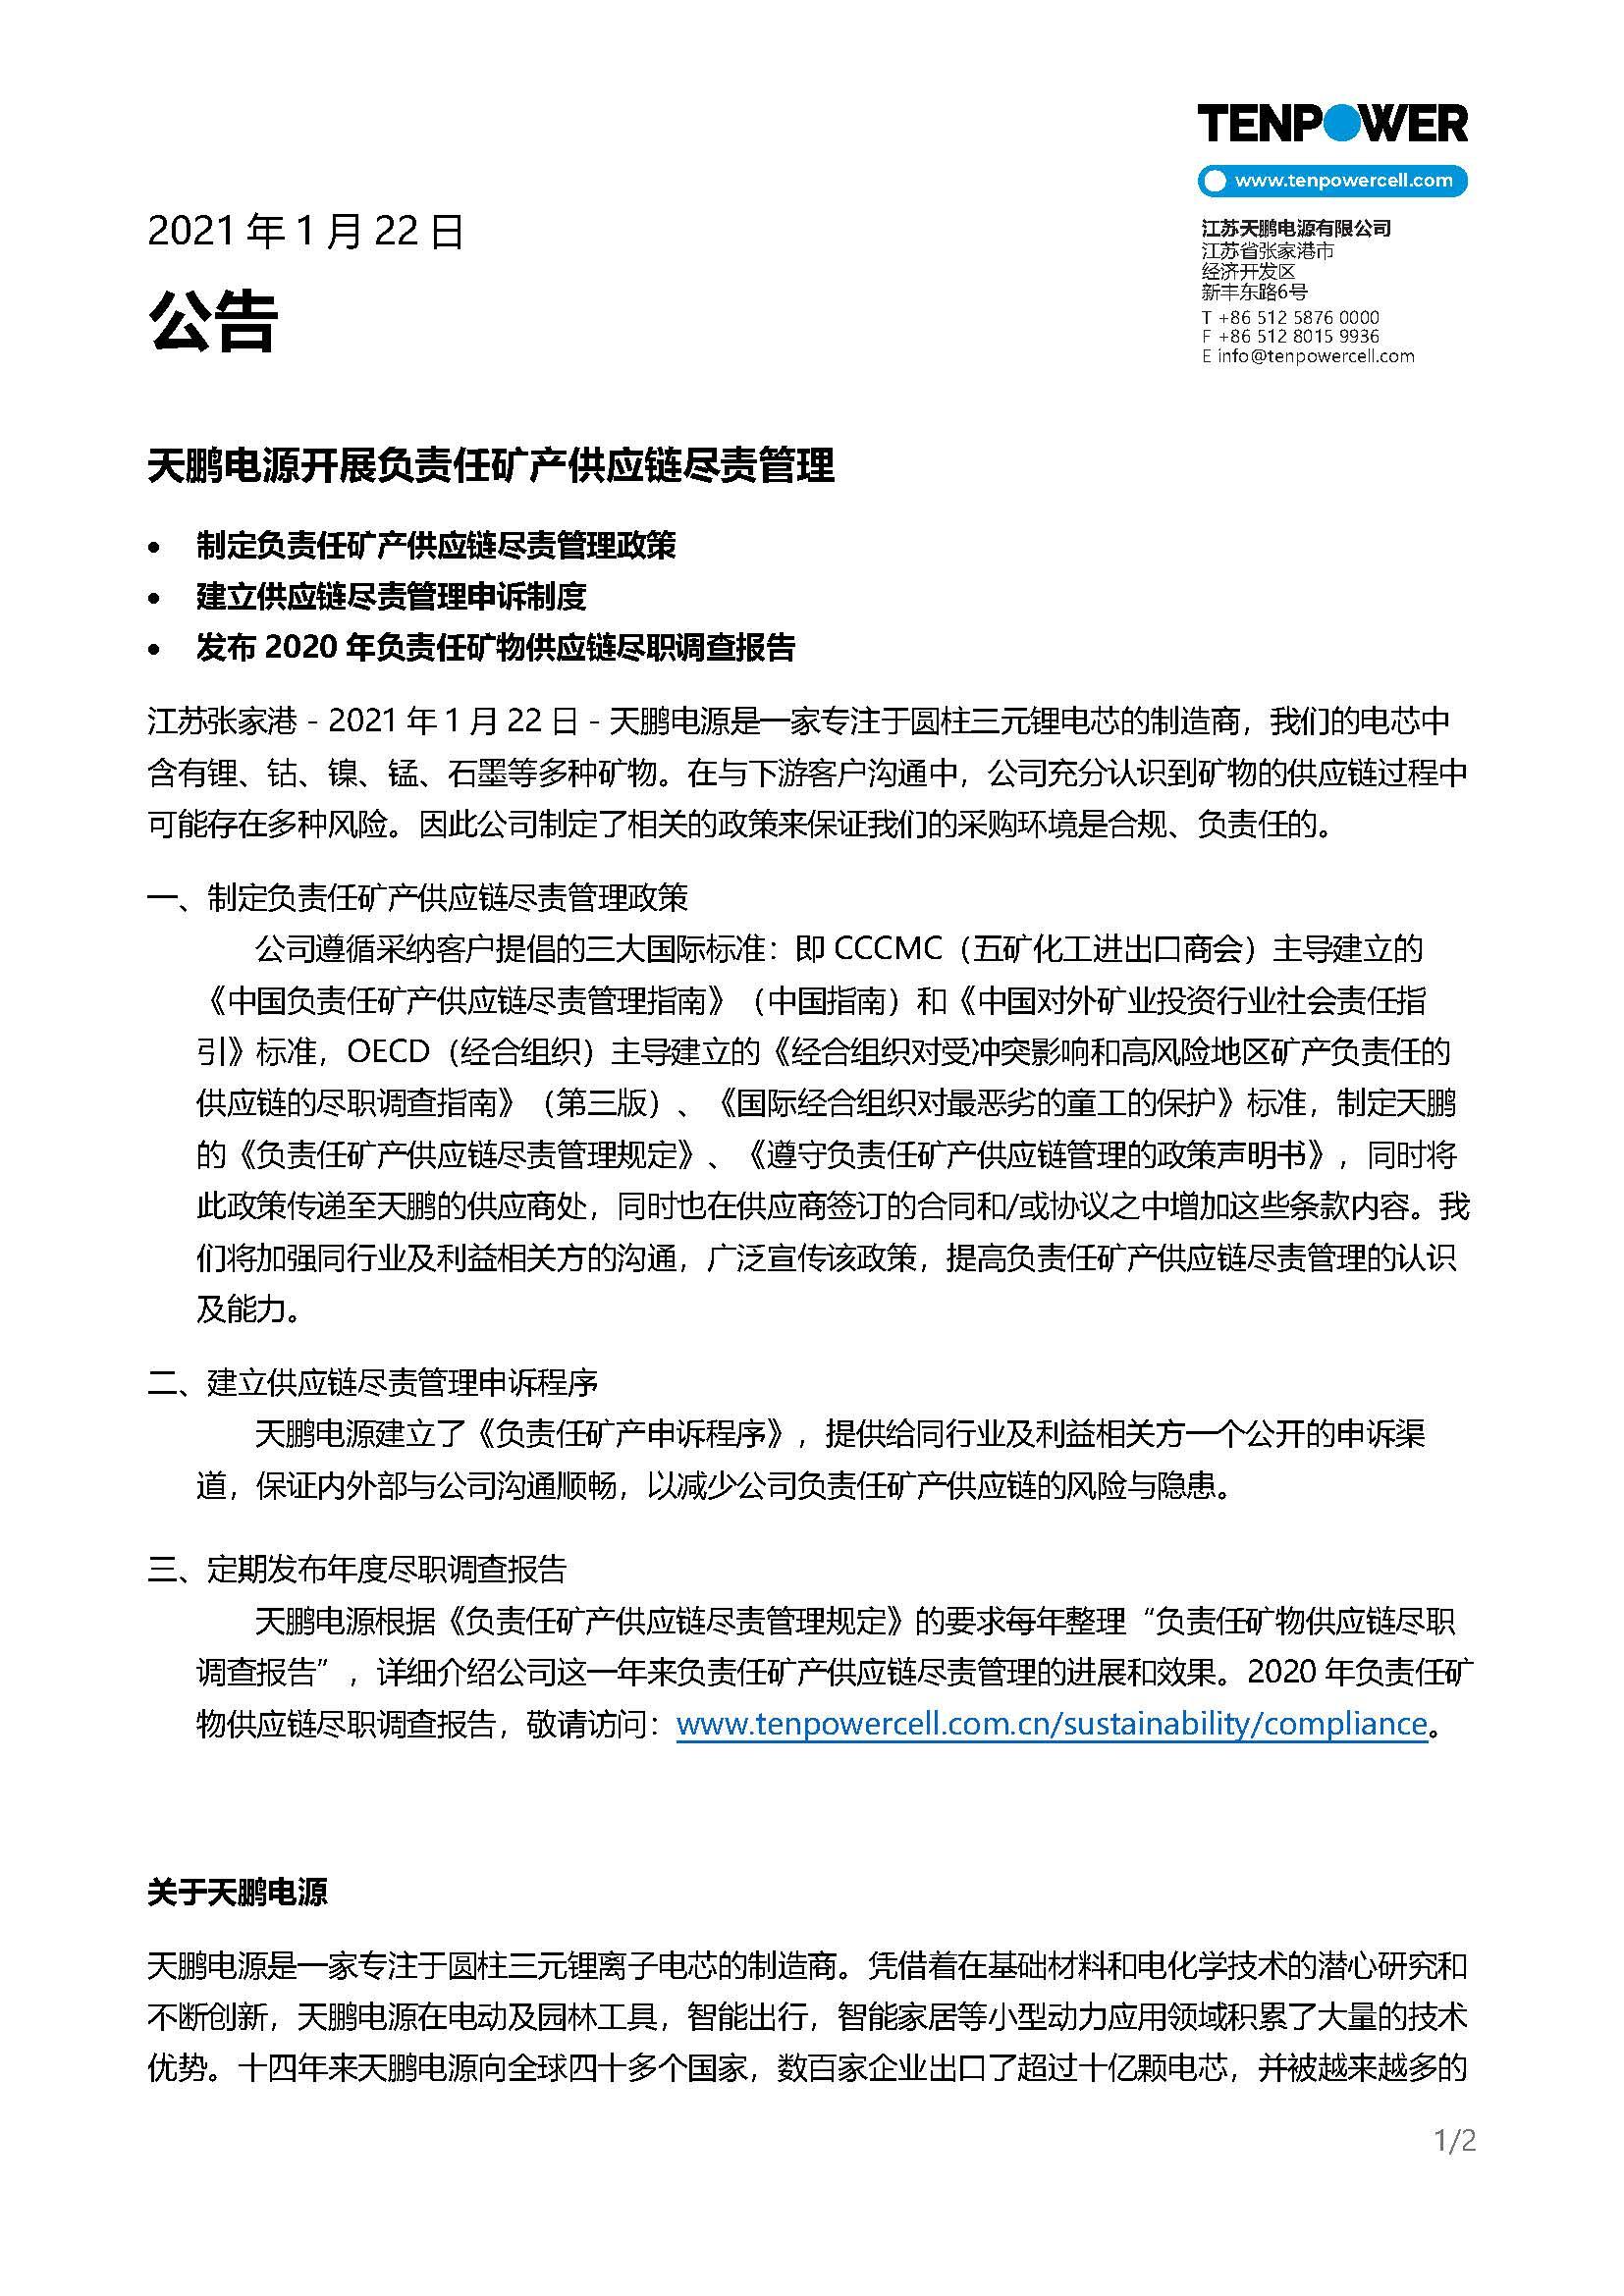 天鹏电源开展负责任矿产供应链尽责管理 - 文档下载